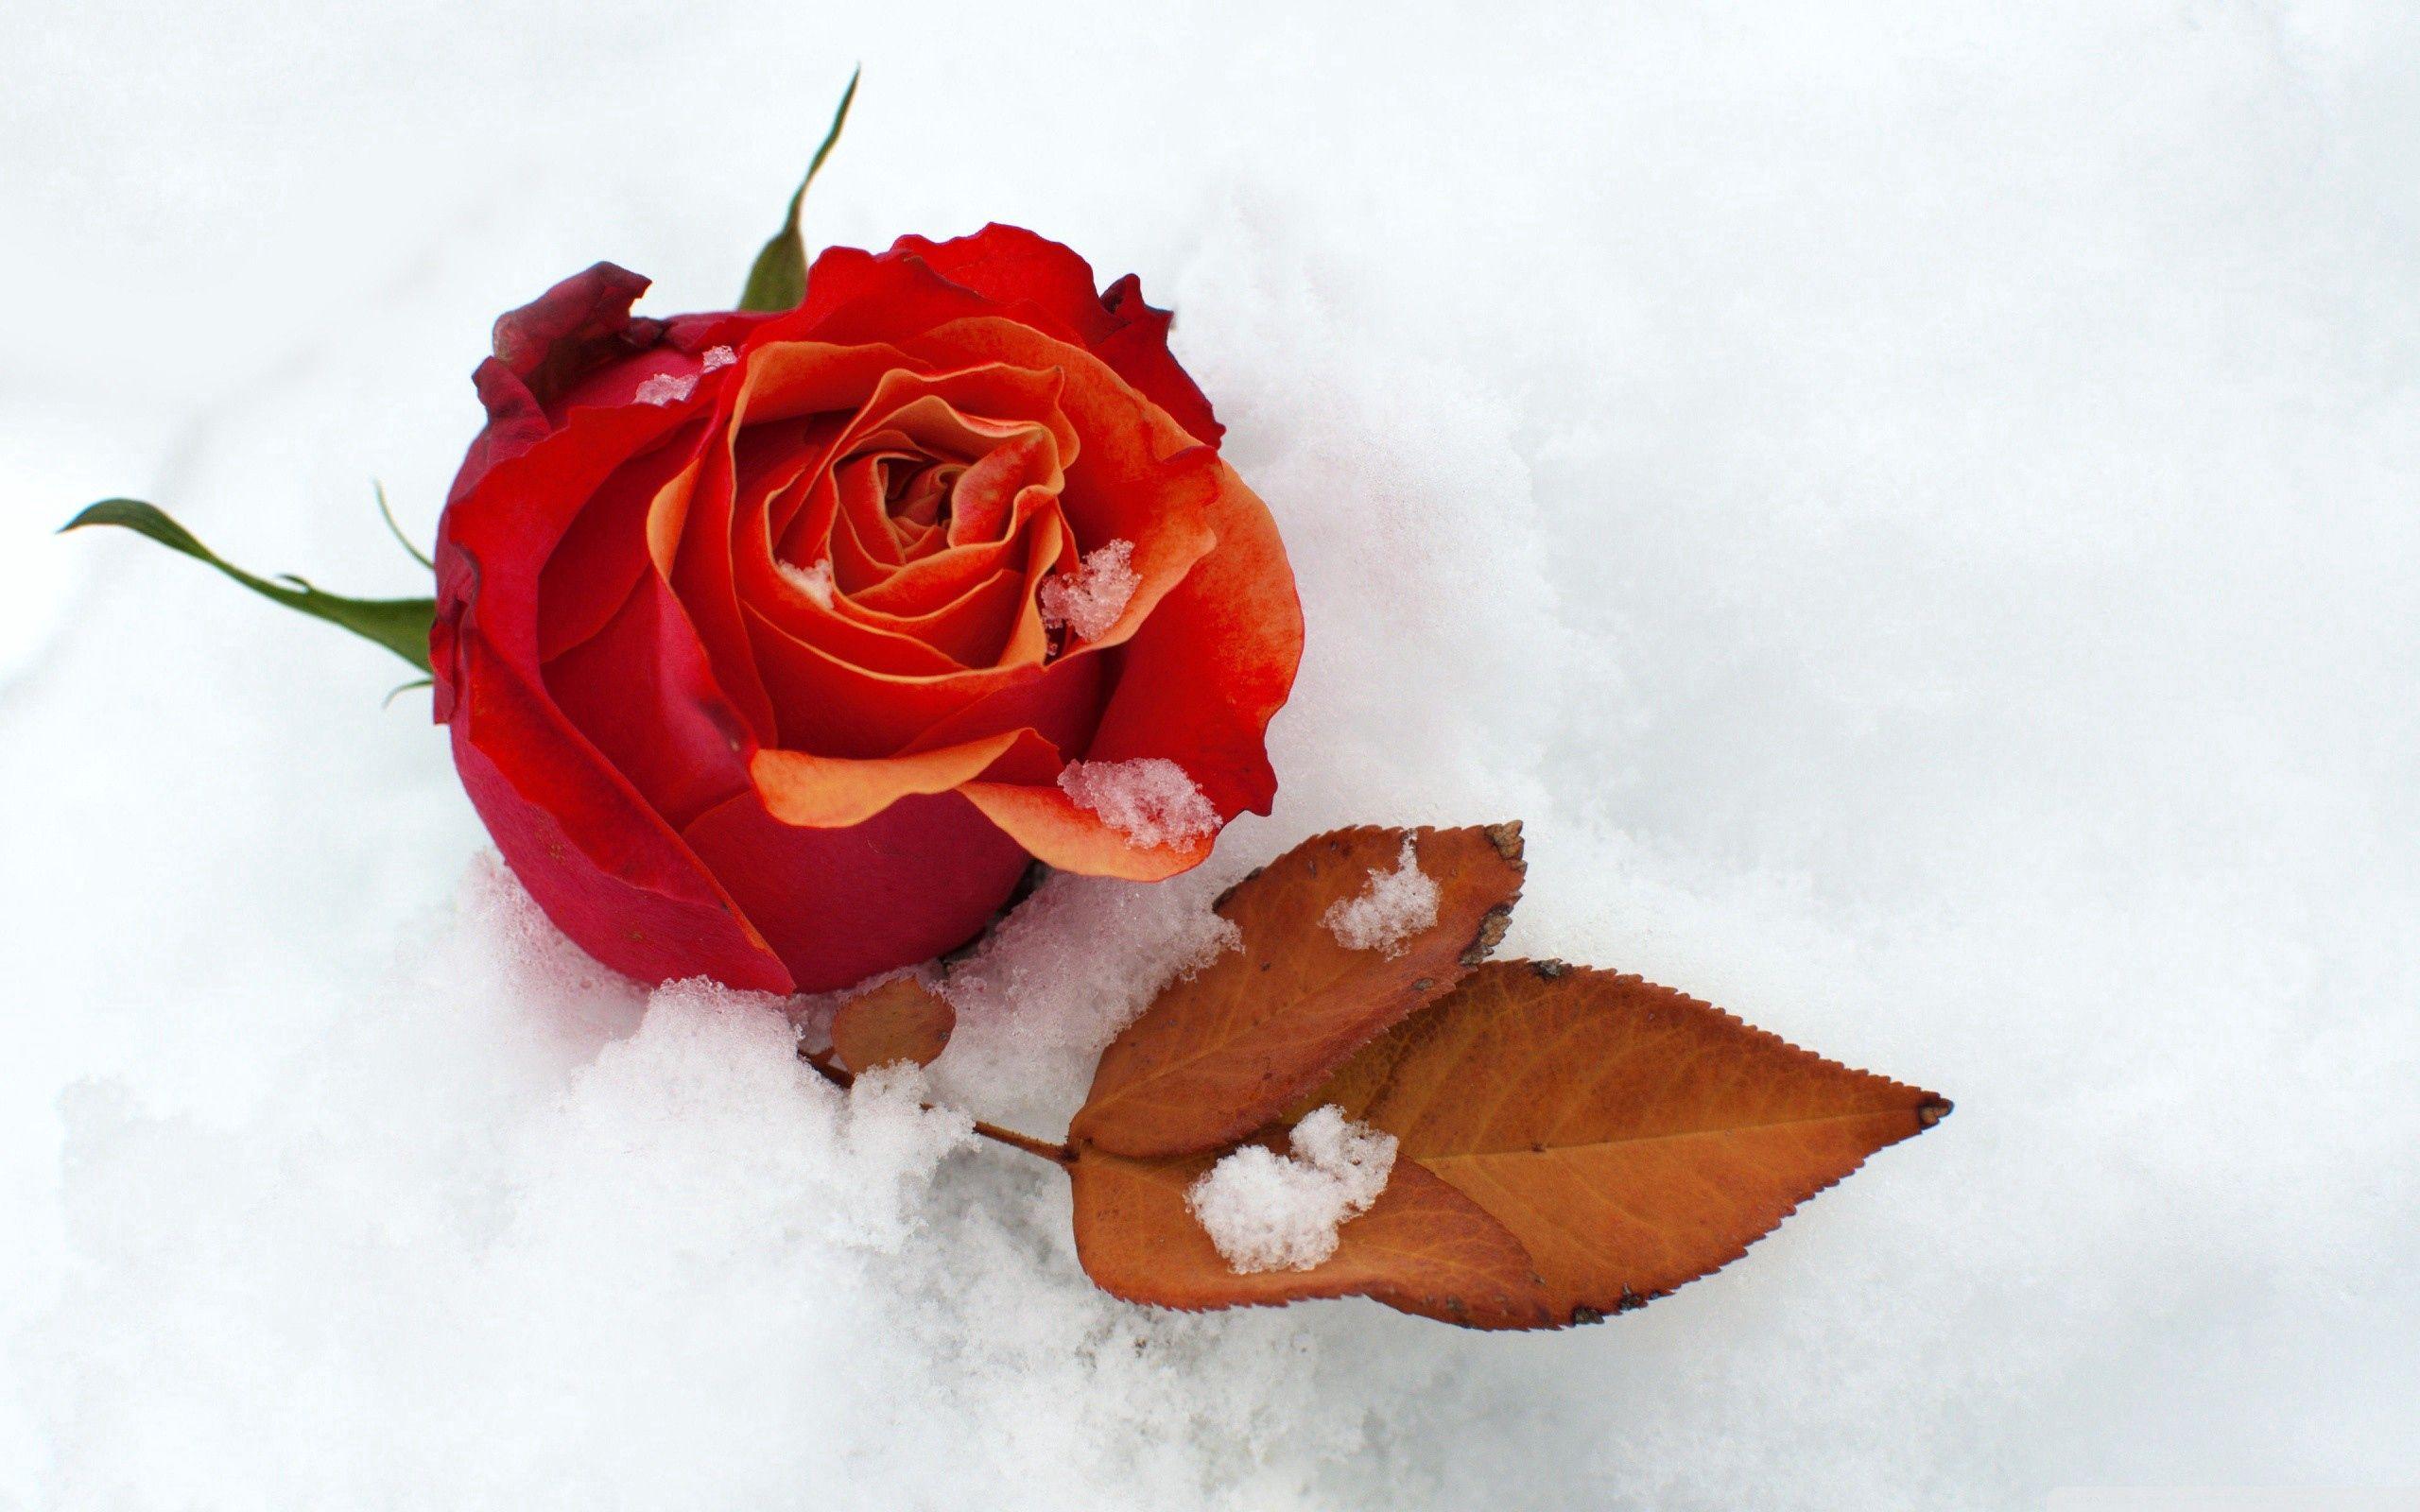 100862 скачать обои Цветы, Роза, Цветок, Бутон, Листок, Снег, Холод - заставки и картинки бесплатно